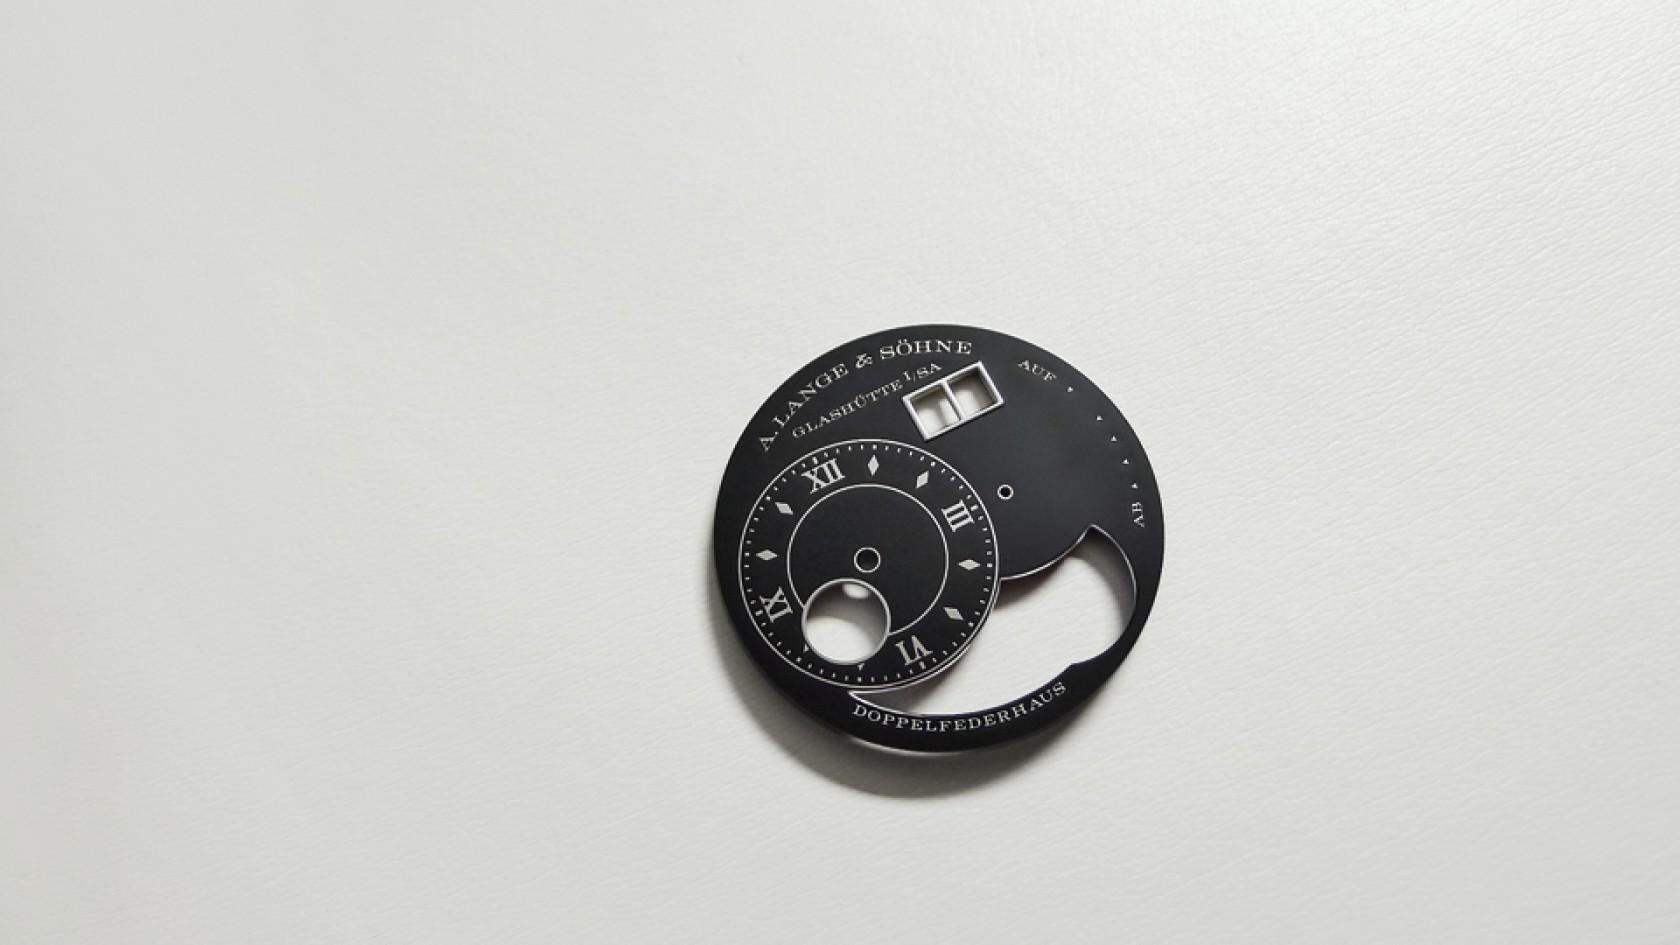 SetWidth1680-LANGE-ENAMELLING-HI7[1]